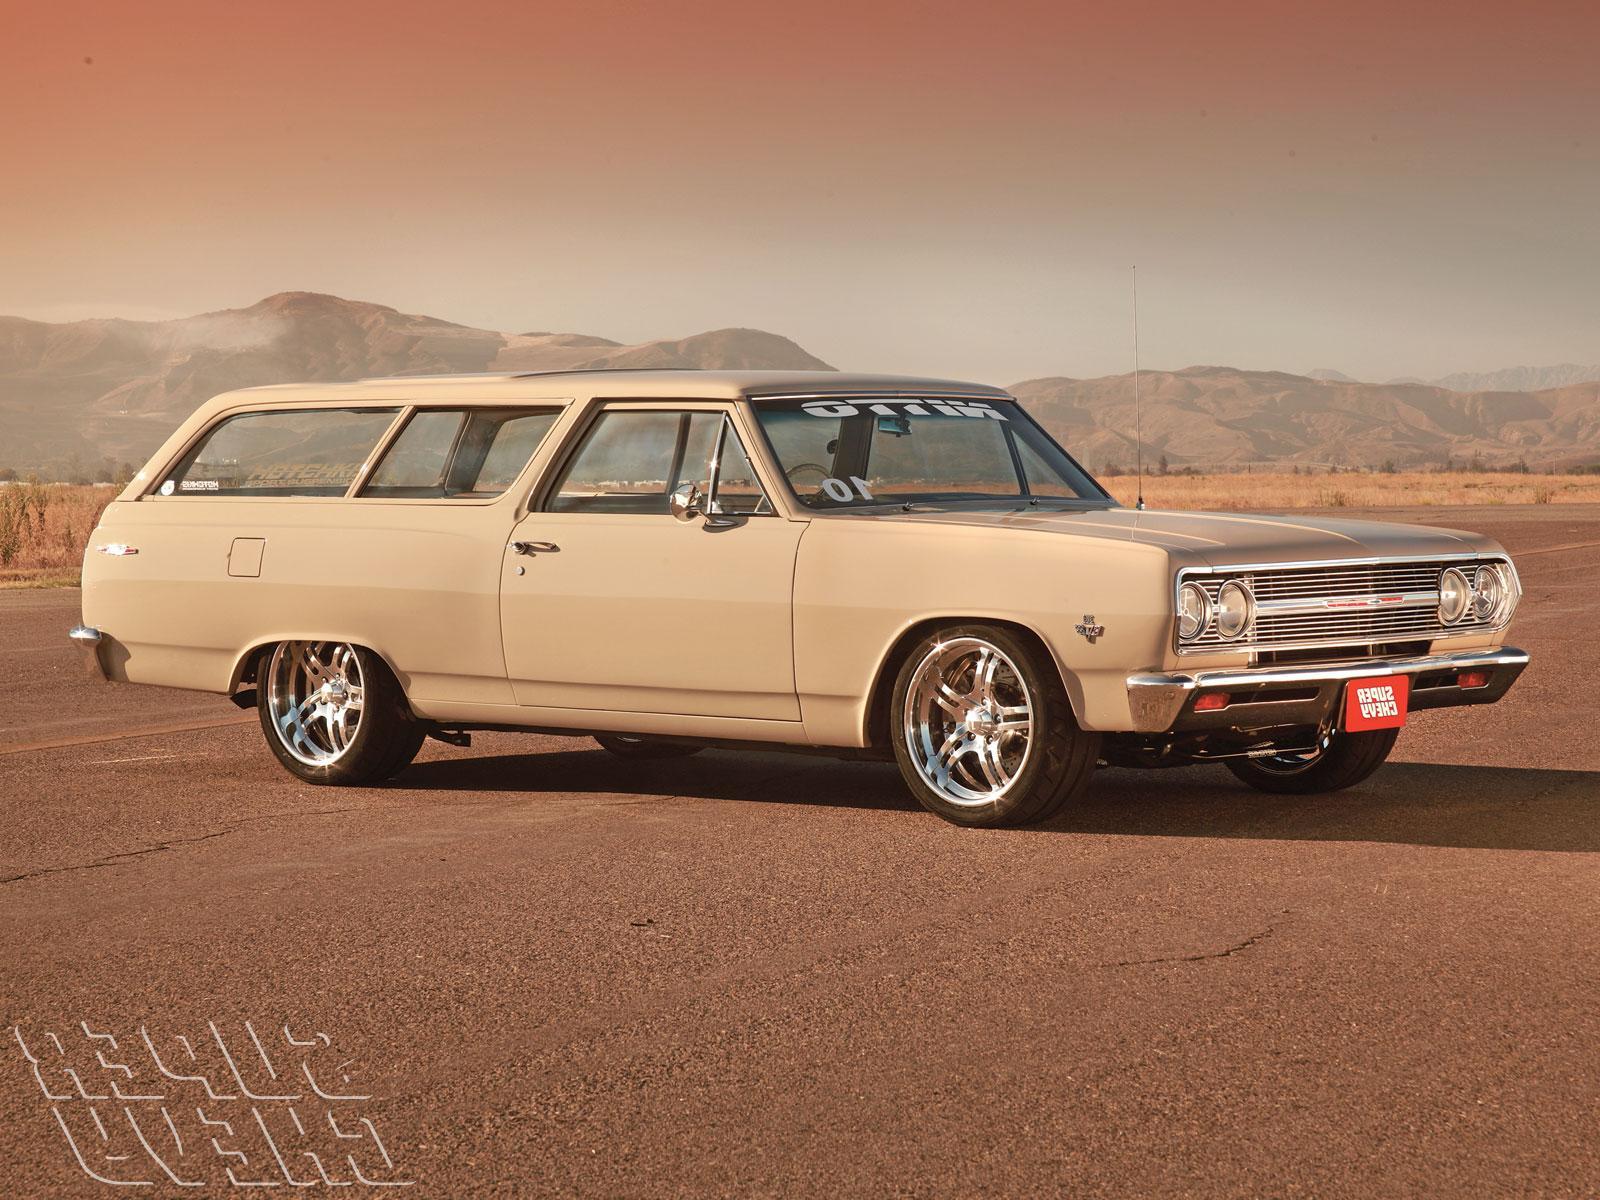 1965 Chevelle Sport Wagon